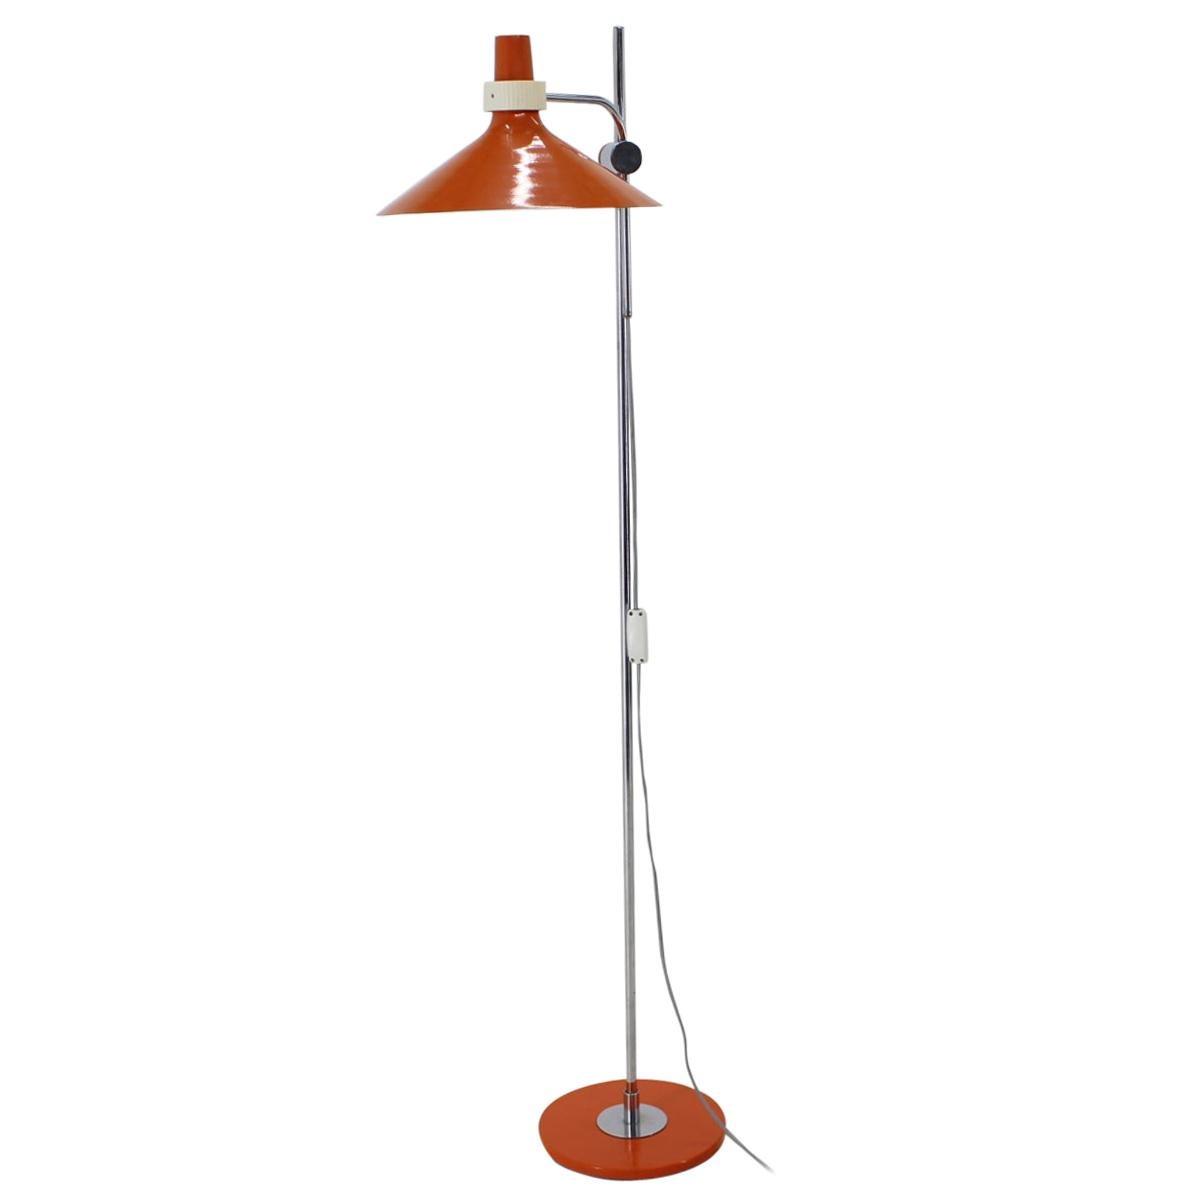 Midcentury Adjustable Floor Lamp, 1970s